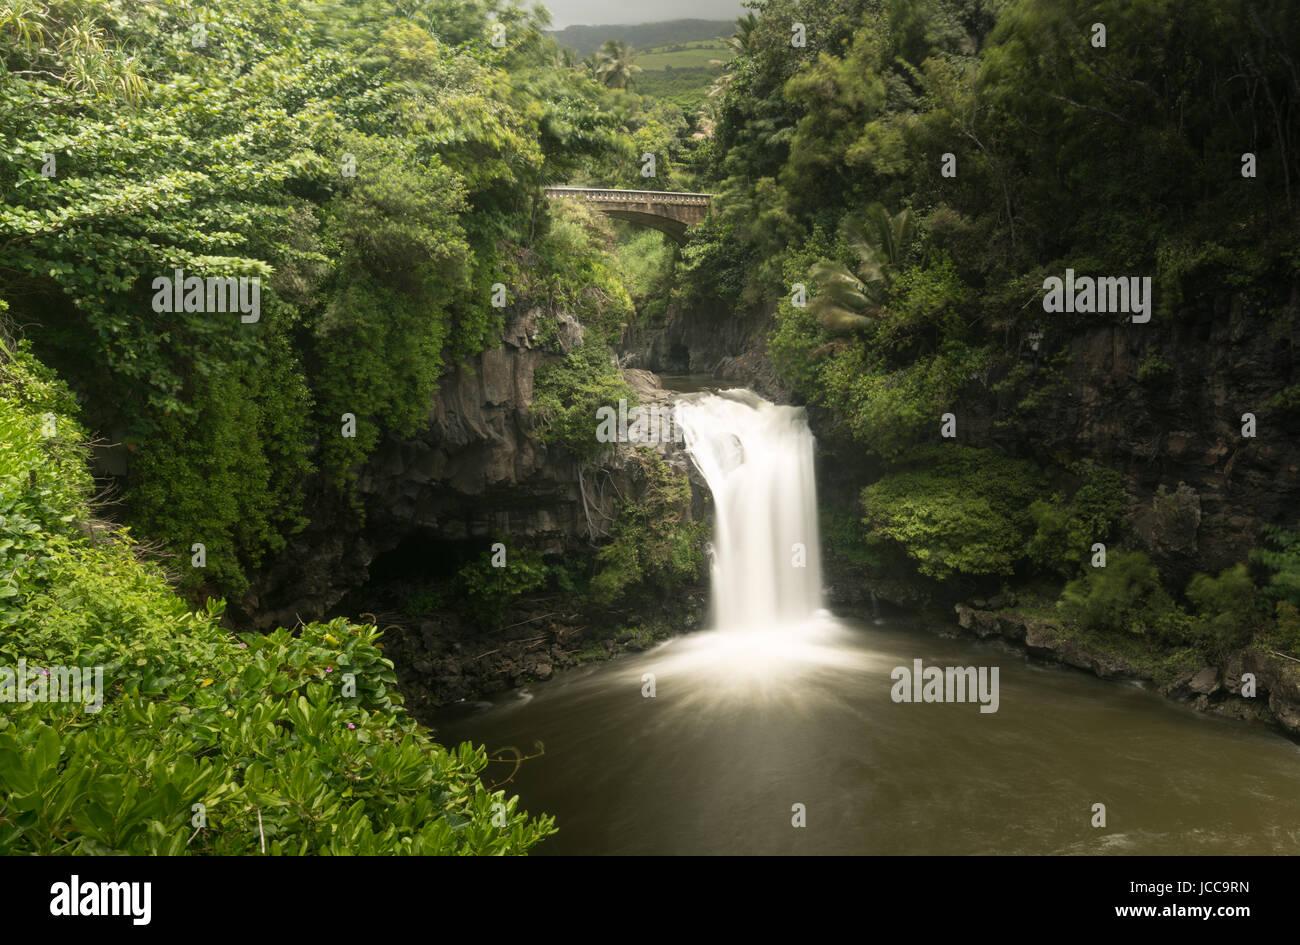 Cascada bajo el puente de carretera en siete piscinas sagradas Maui Foto de stock